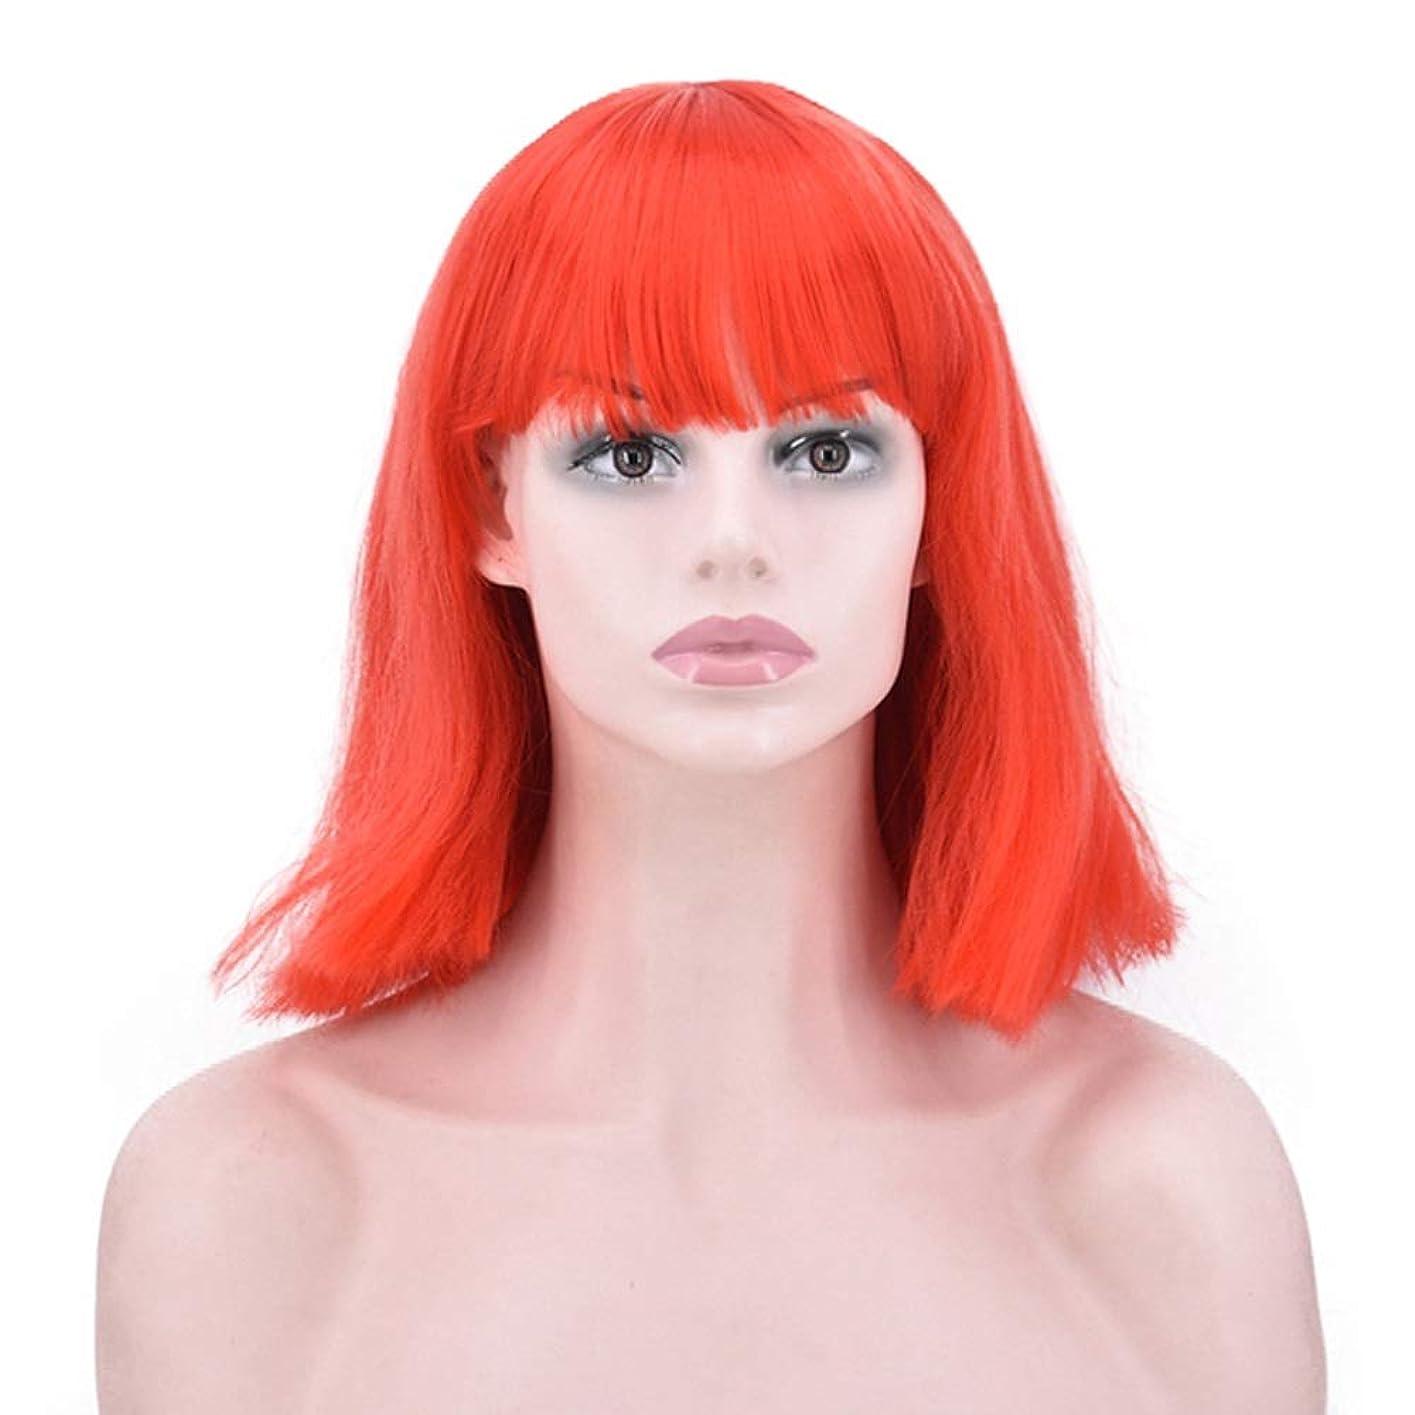 アシスト防腐剤捧げるウィッグ - レディースショートストレート高温シルクウィッグファッションバングパーティーロールハロウィーン35cmオレンジ (色 : Orange, サイズ さいず : 35cm)